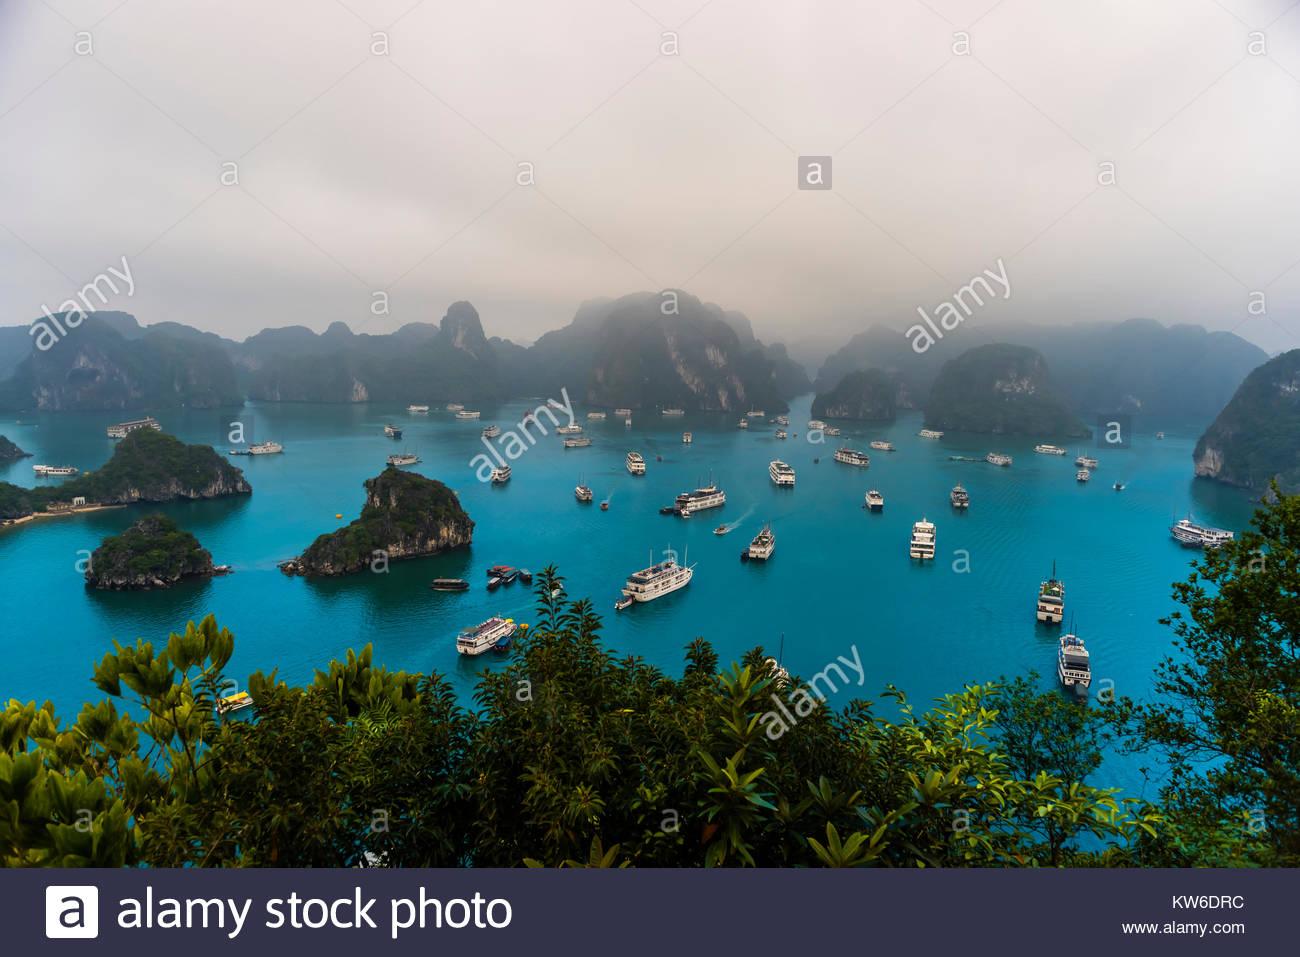 Portrait de la Baie d'Halong, l'île de Ti Top Nord Vietnam rempli de bateaux d'excursion. Le Bay Photo Stock